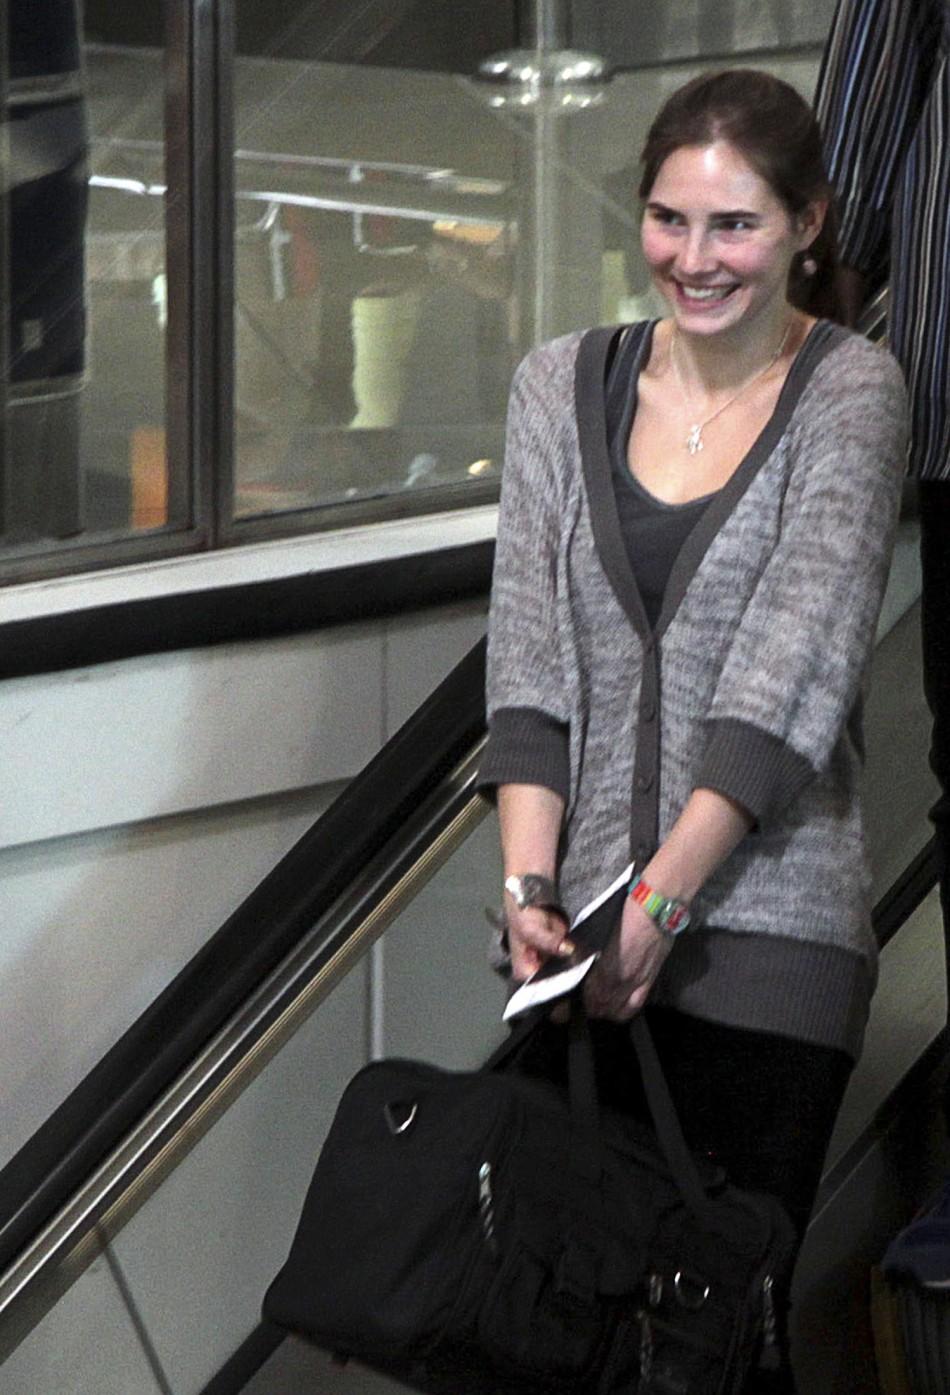 U.S. student Amanda Knox's smiles at the Leonardo Da Vinci airport in Fiumicino